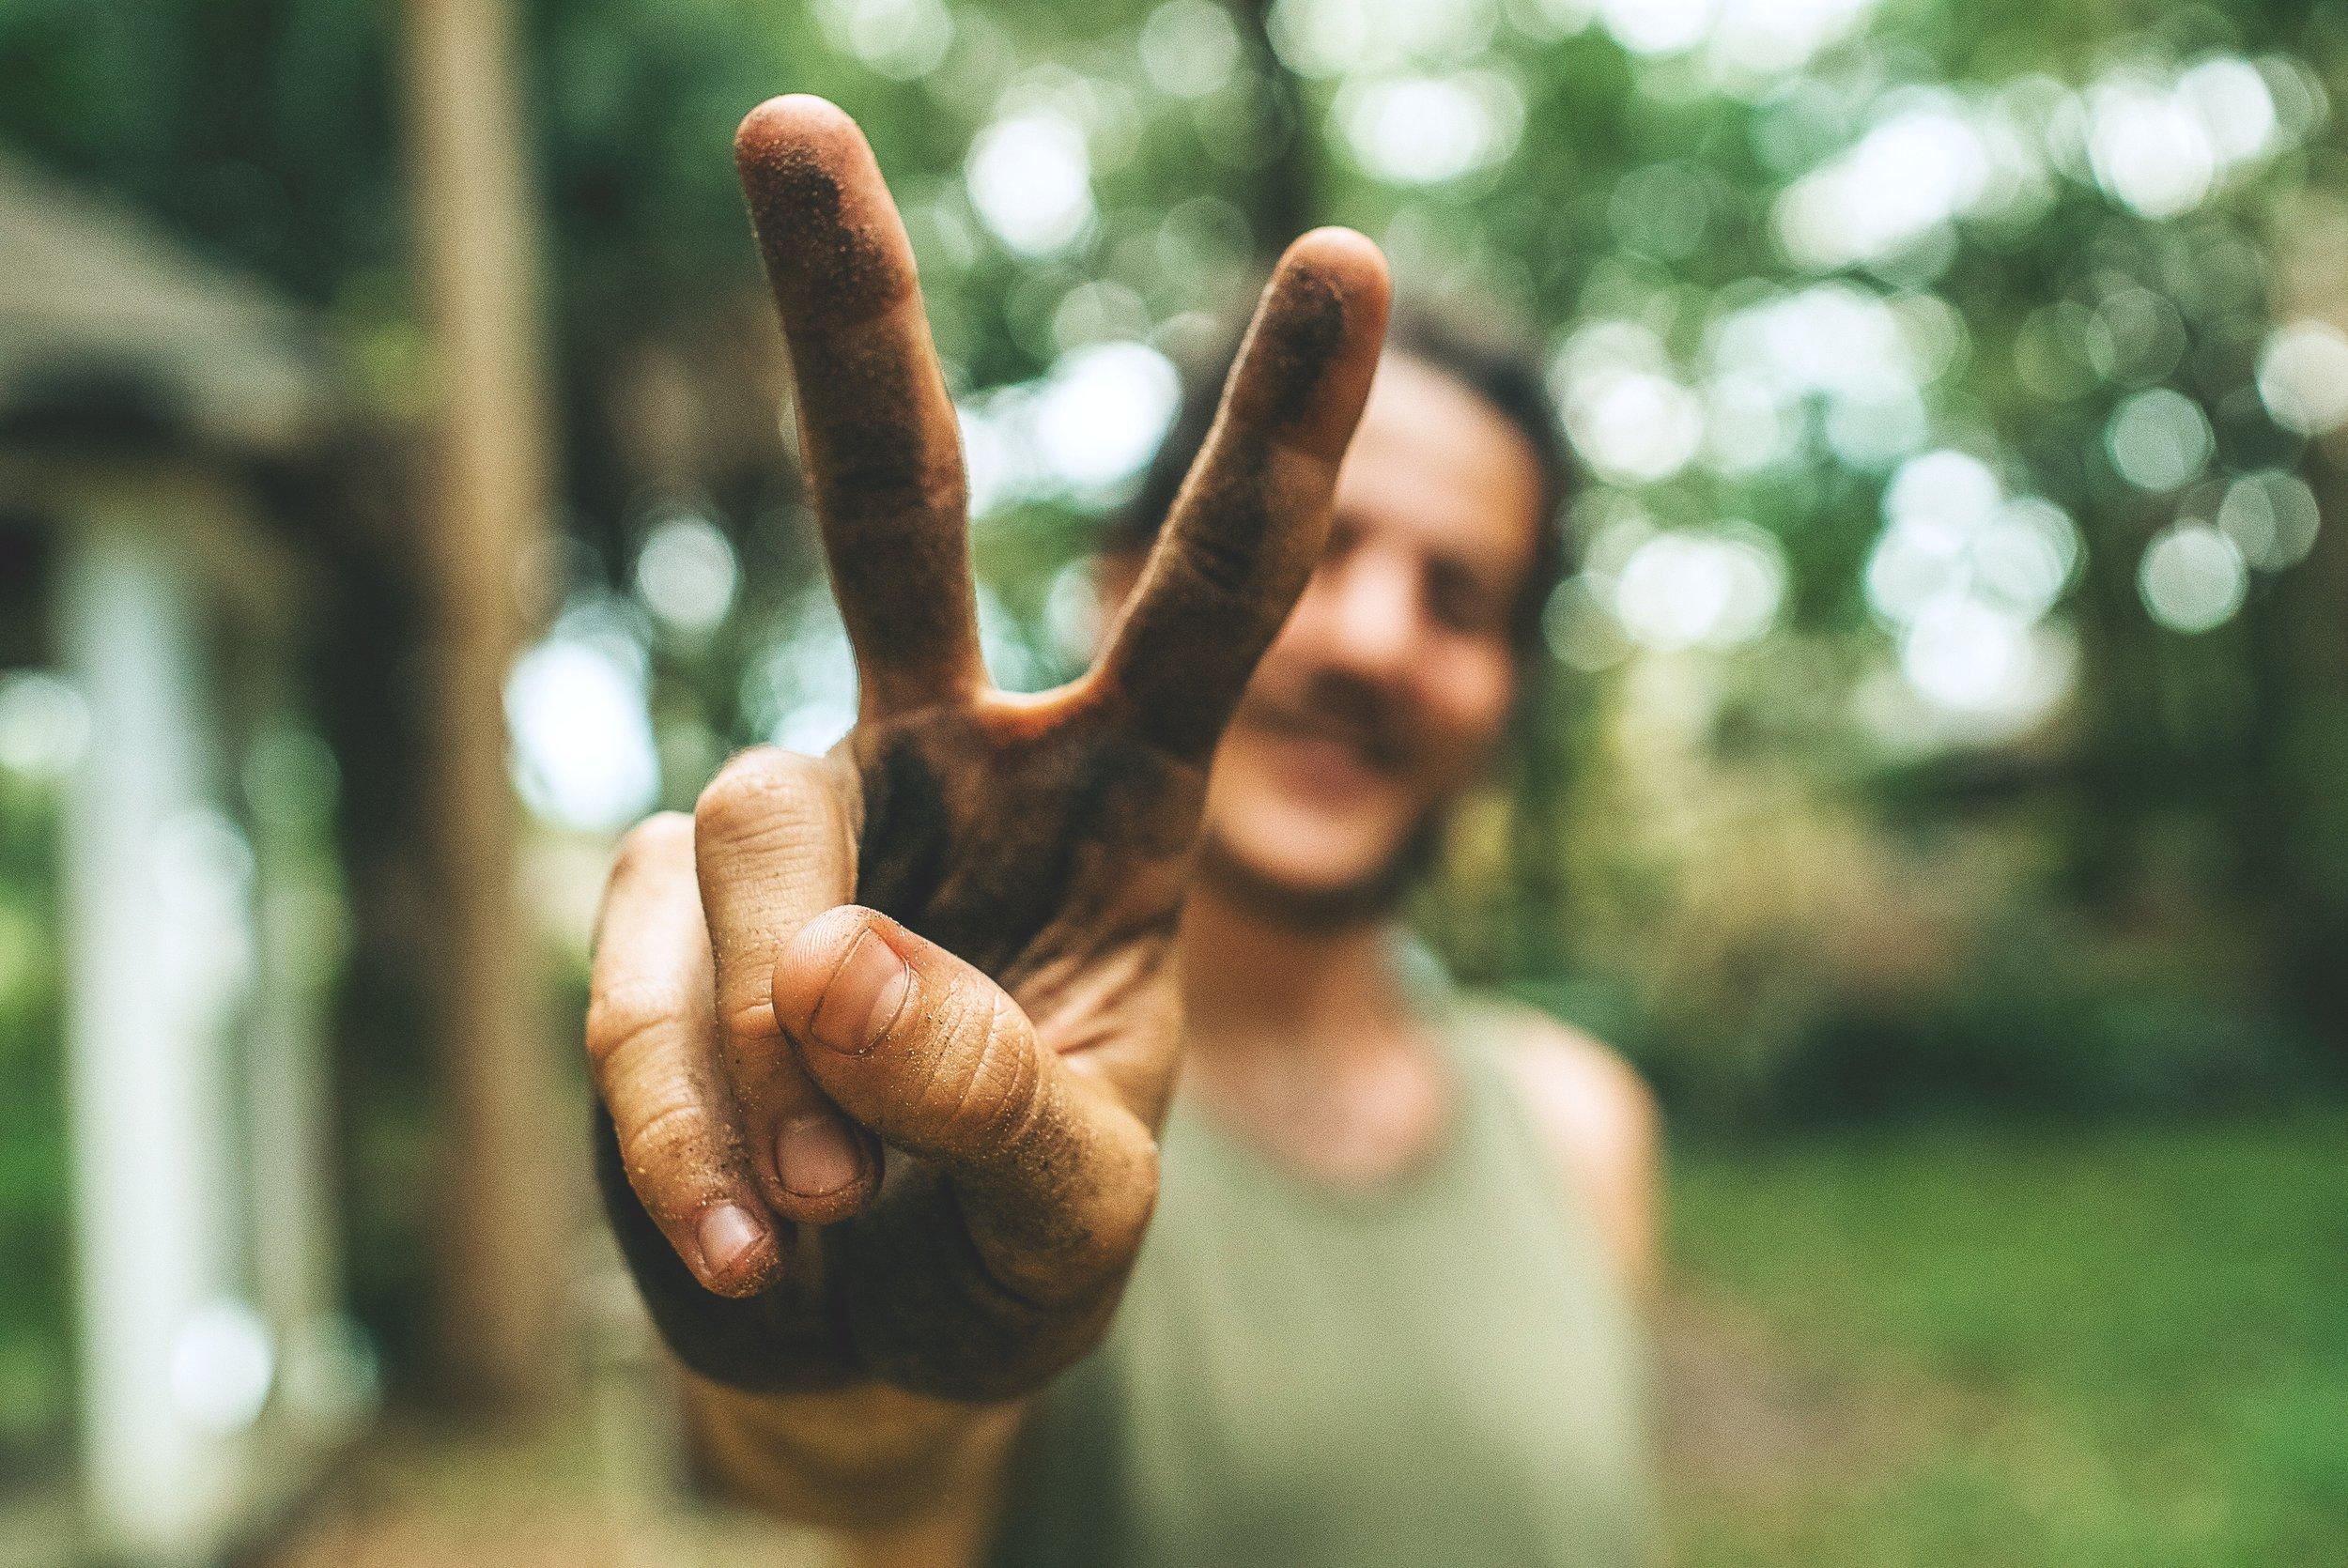 peace man eddie-kopp-268097.jpg